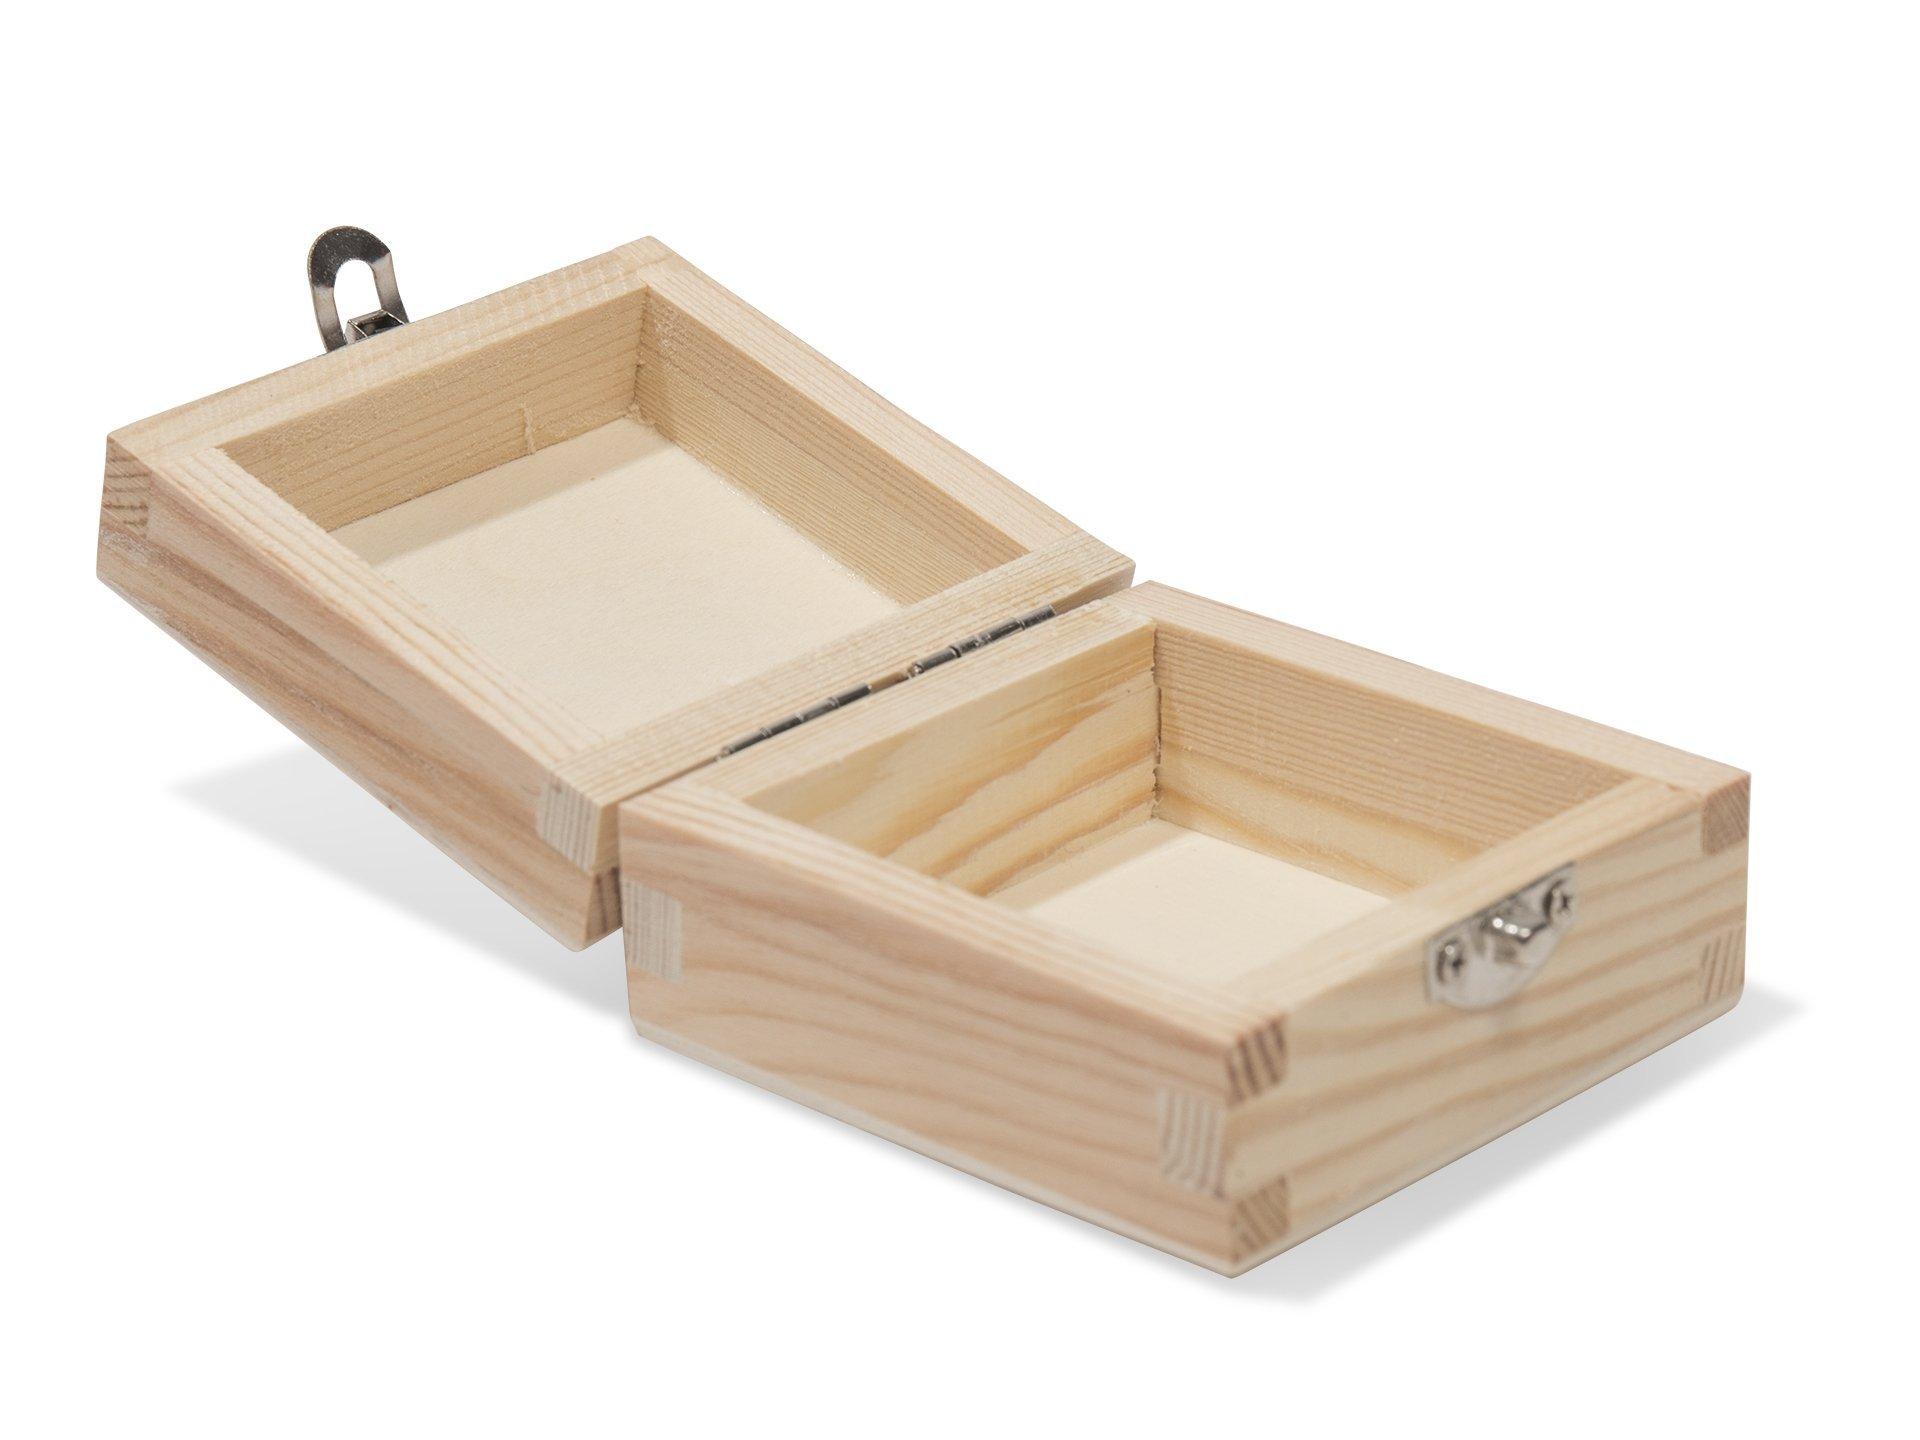 klarsichtbox mit deckel klarsichtbox mit deckel transparent aufbewahrungsbox box allzweckbox. Black Bedroom Furniture Sets. Home Design Ideas